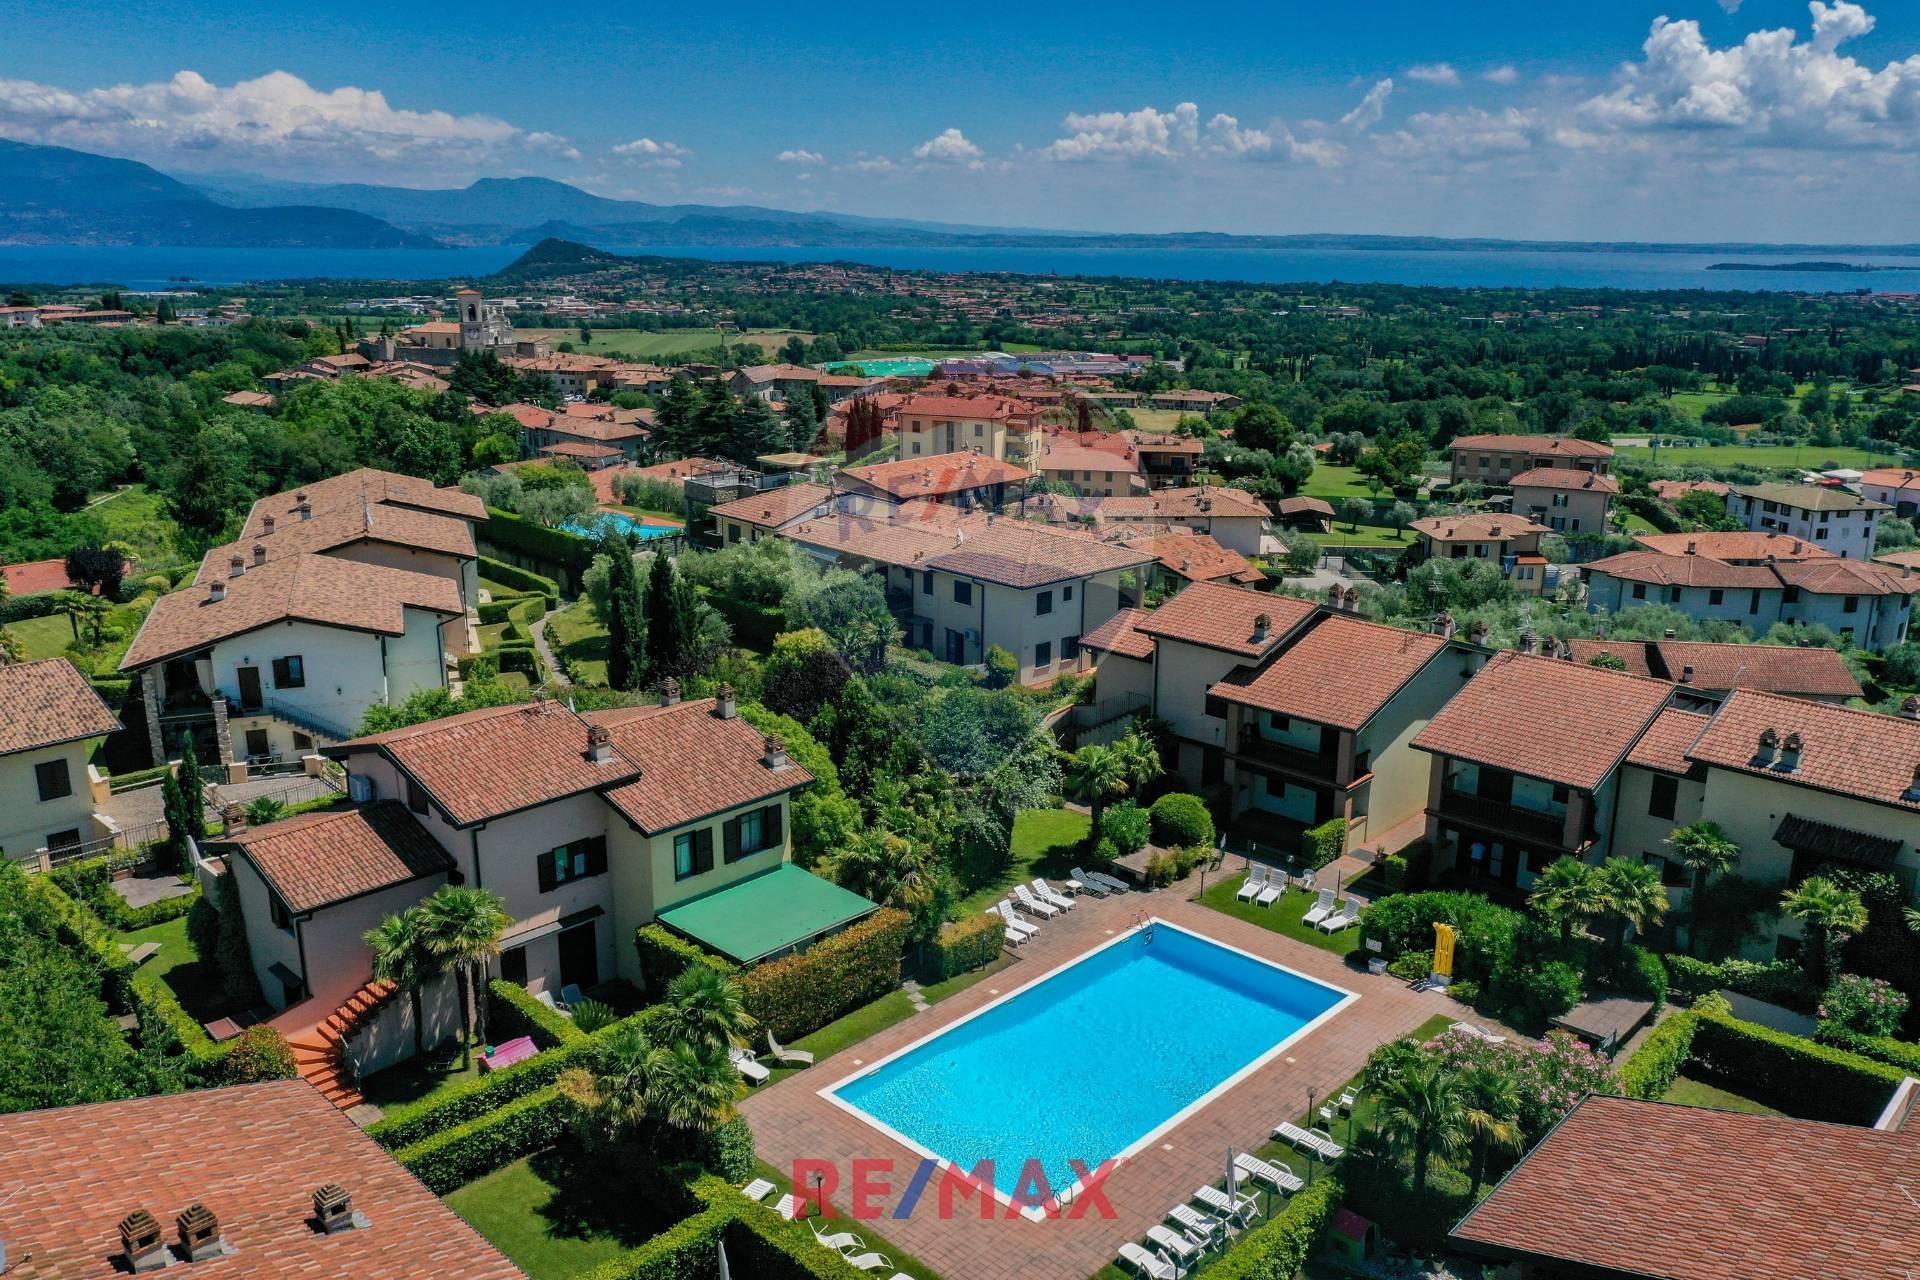 Appartamento in vendita a Polpenazze del Garda, 3 locali, prezzo € 230.000 | CambioCasa.it